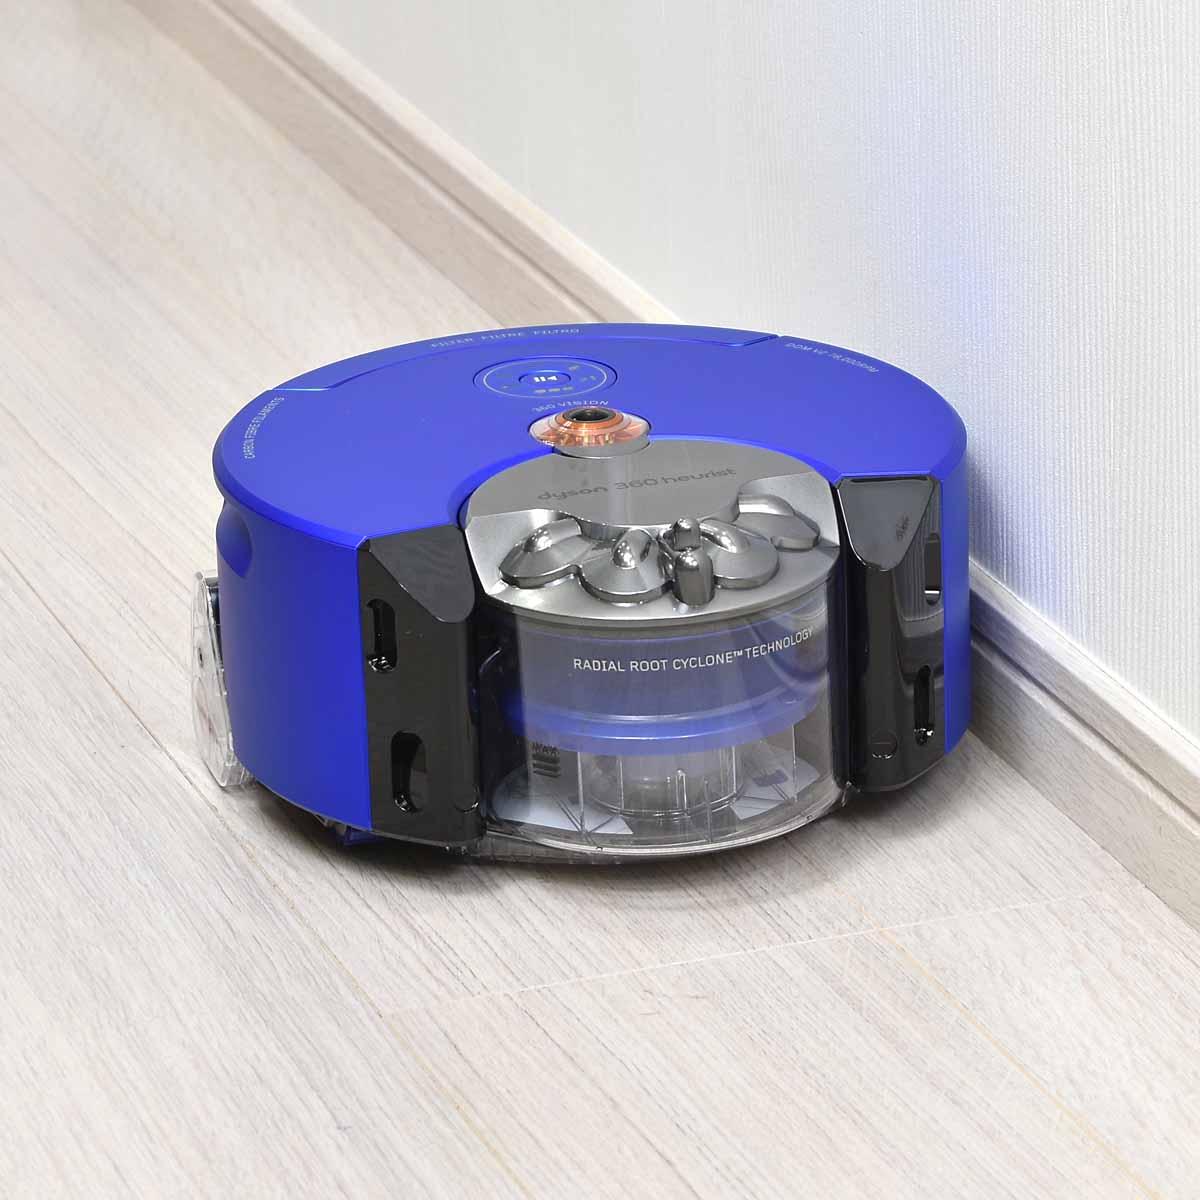 ダイソンのロボット掃除機「Dyson 360 Heurist」はココがスゴイ!